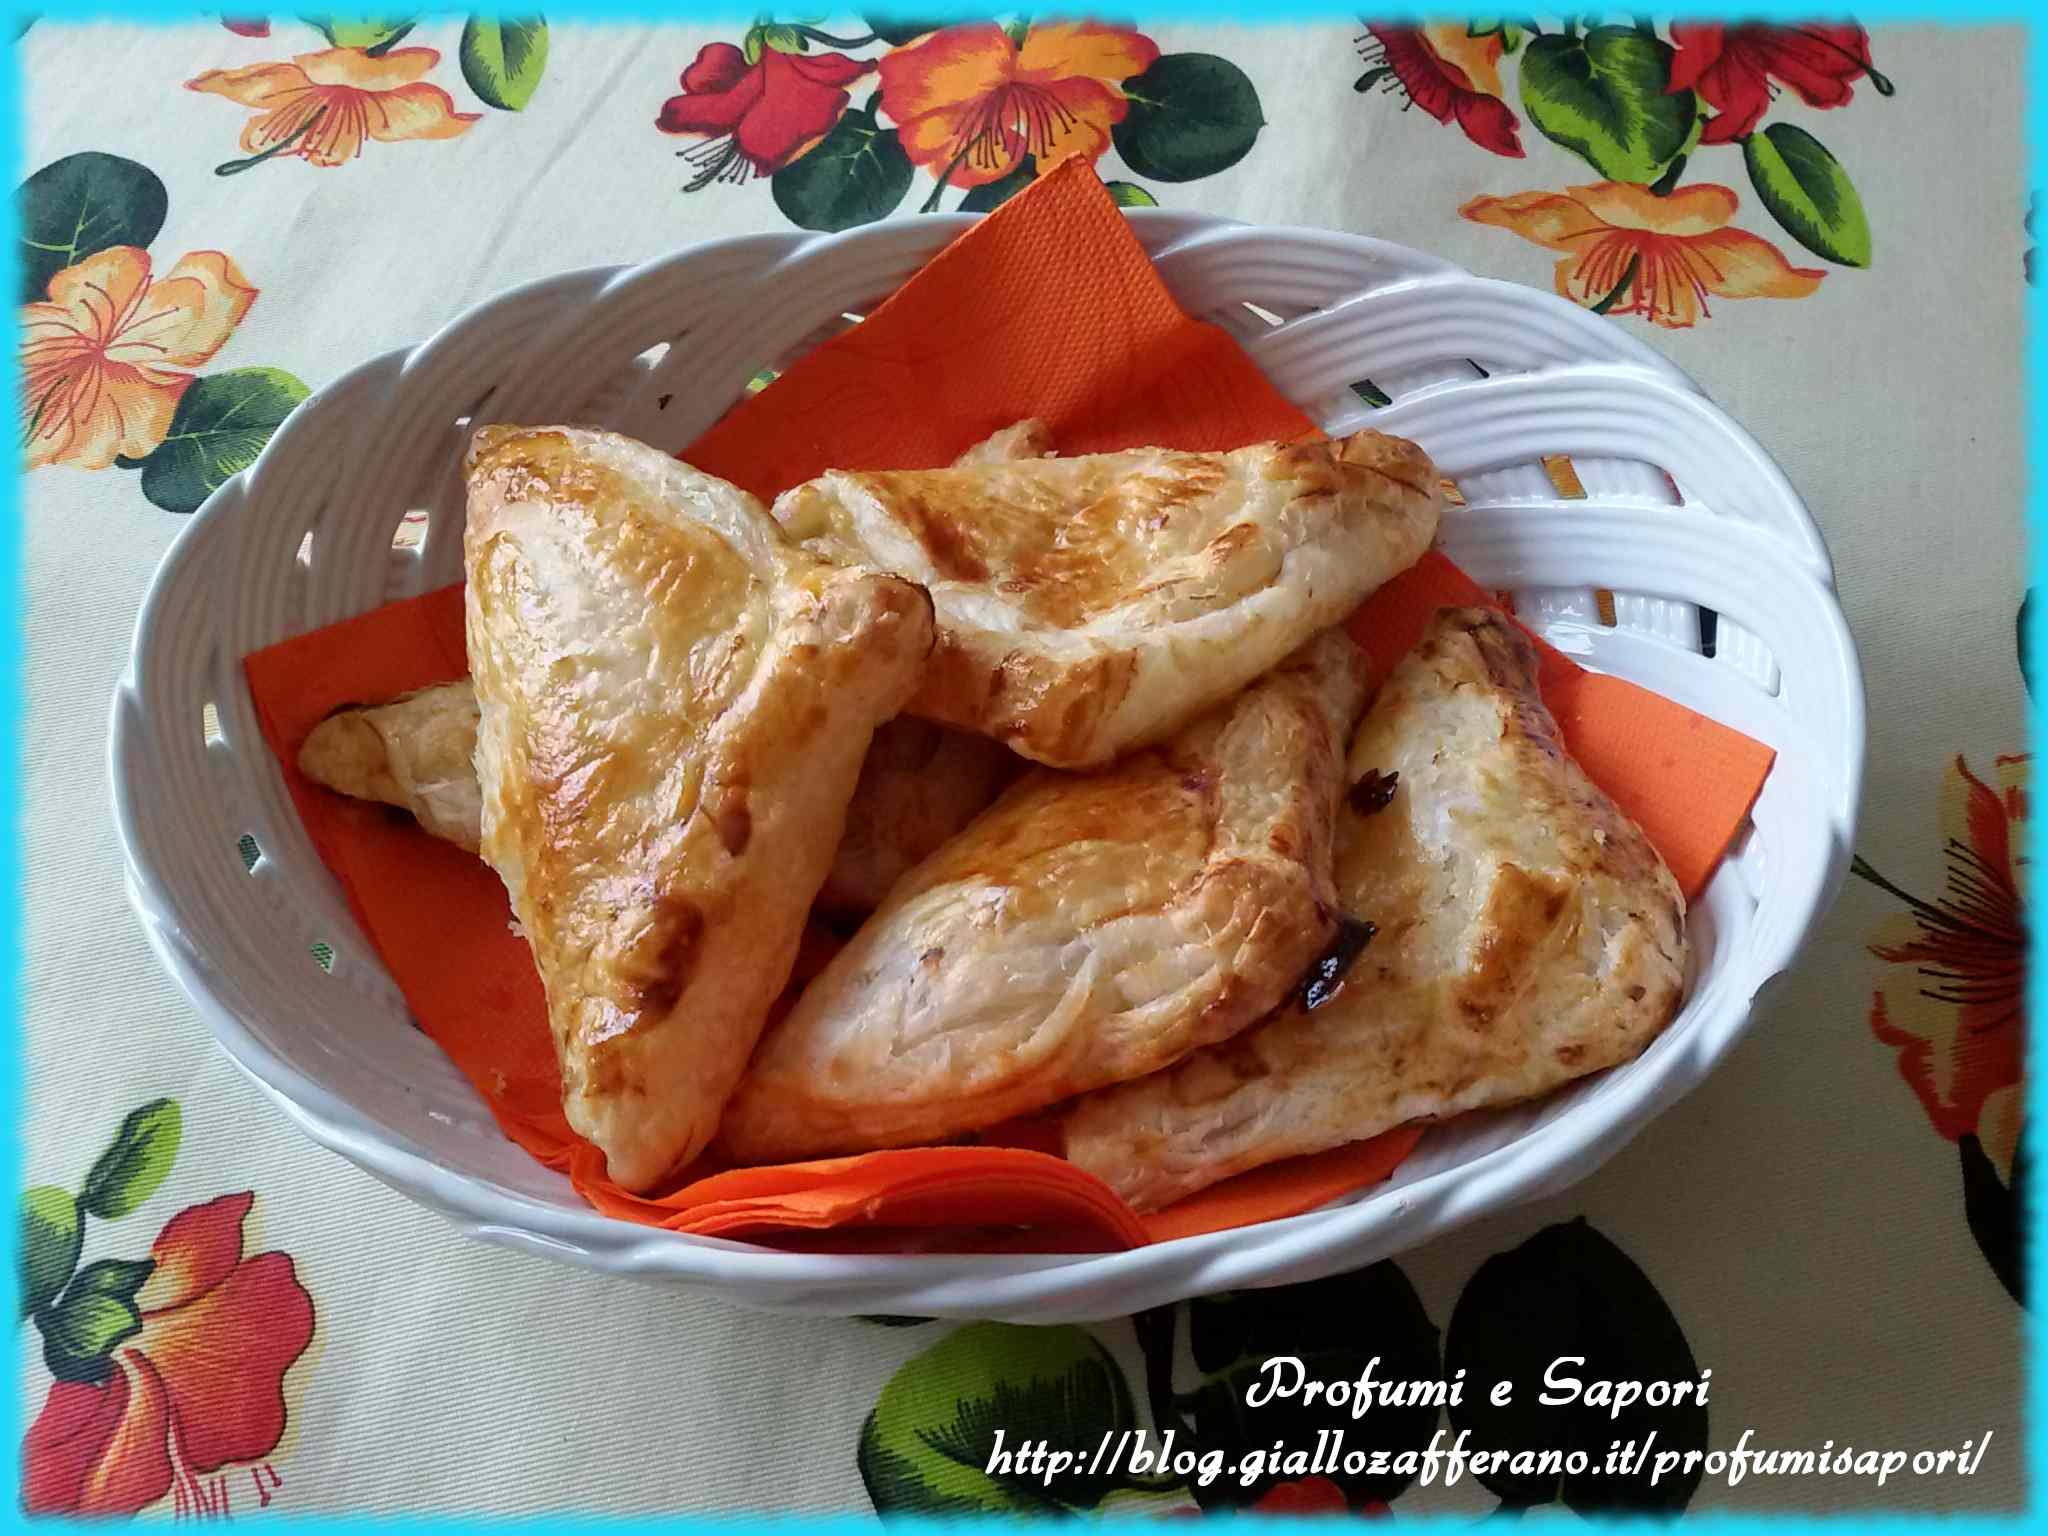 Ricetta: Sfogliette ripiene con ricotta e marmellata